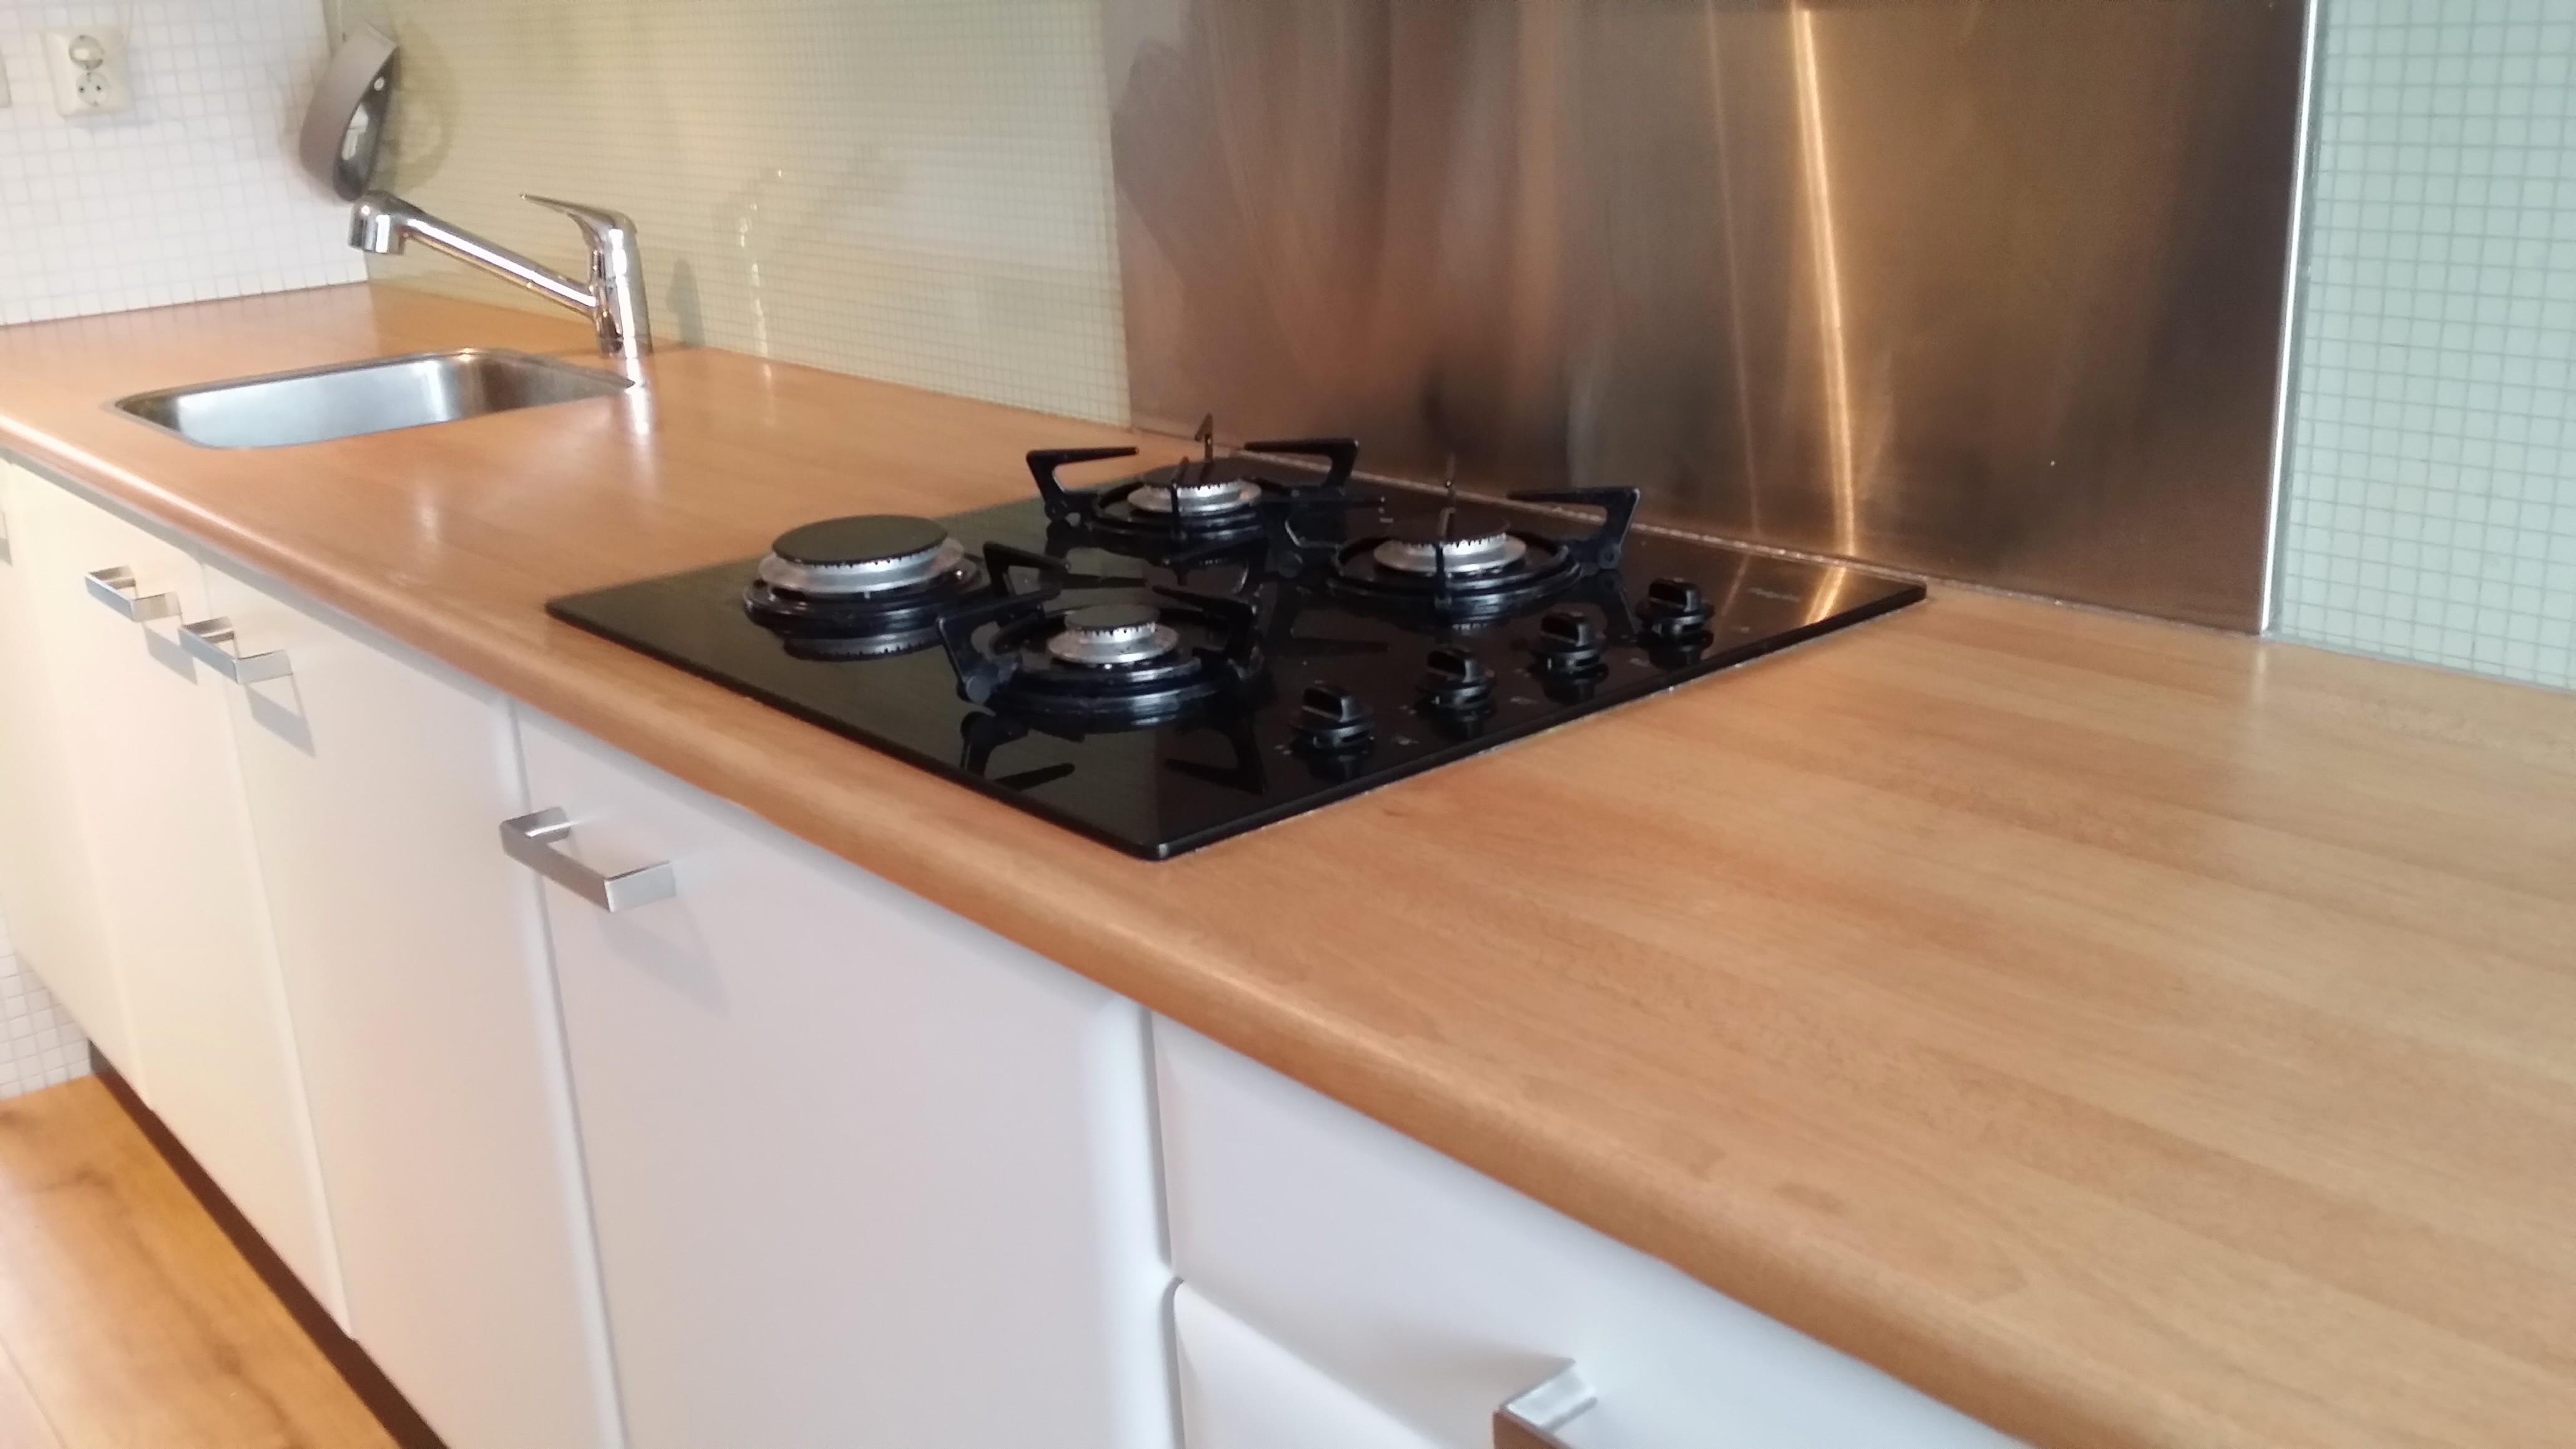 Witte Keuken Voordelen : Keuken u blauw beuken naar mat wit inclusief metallic grijs